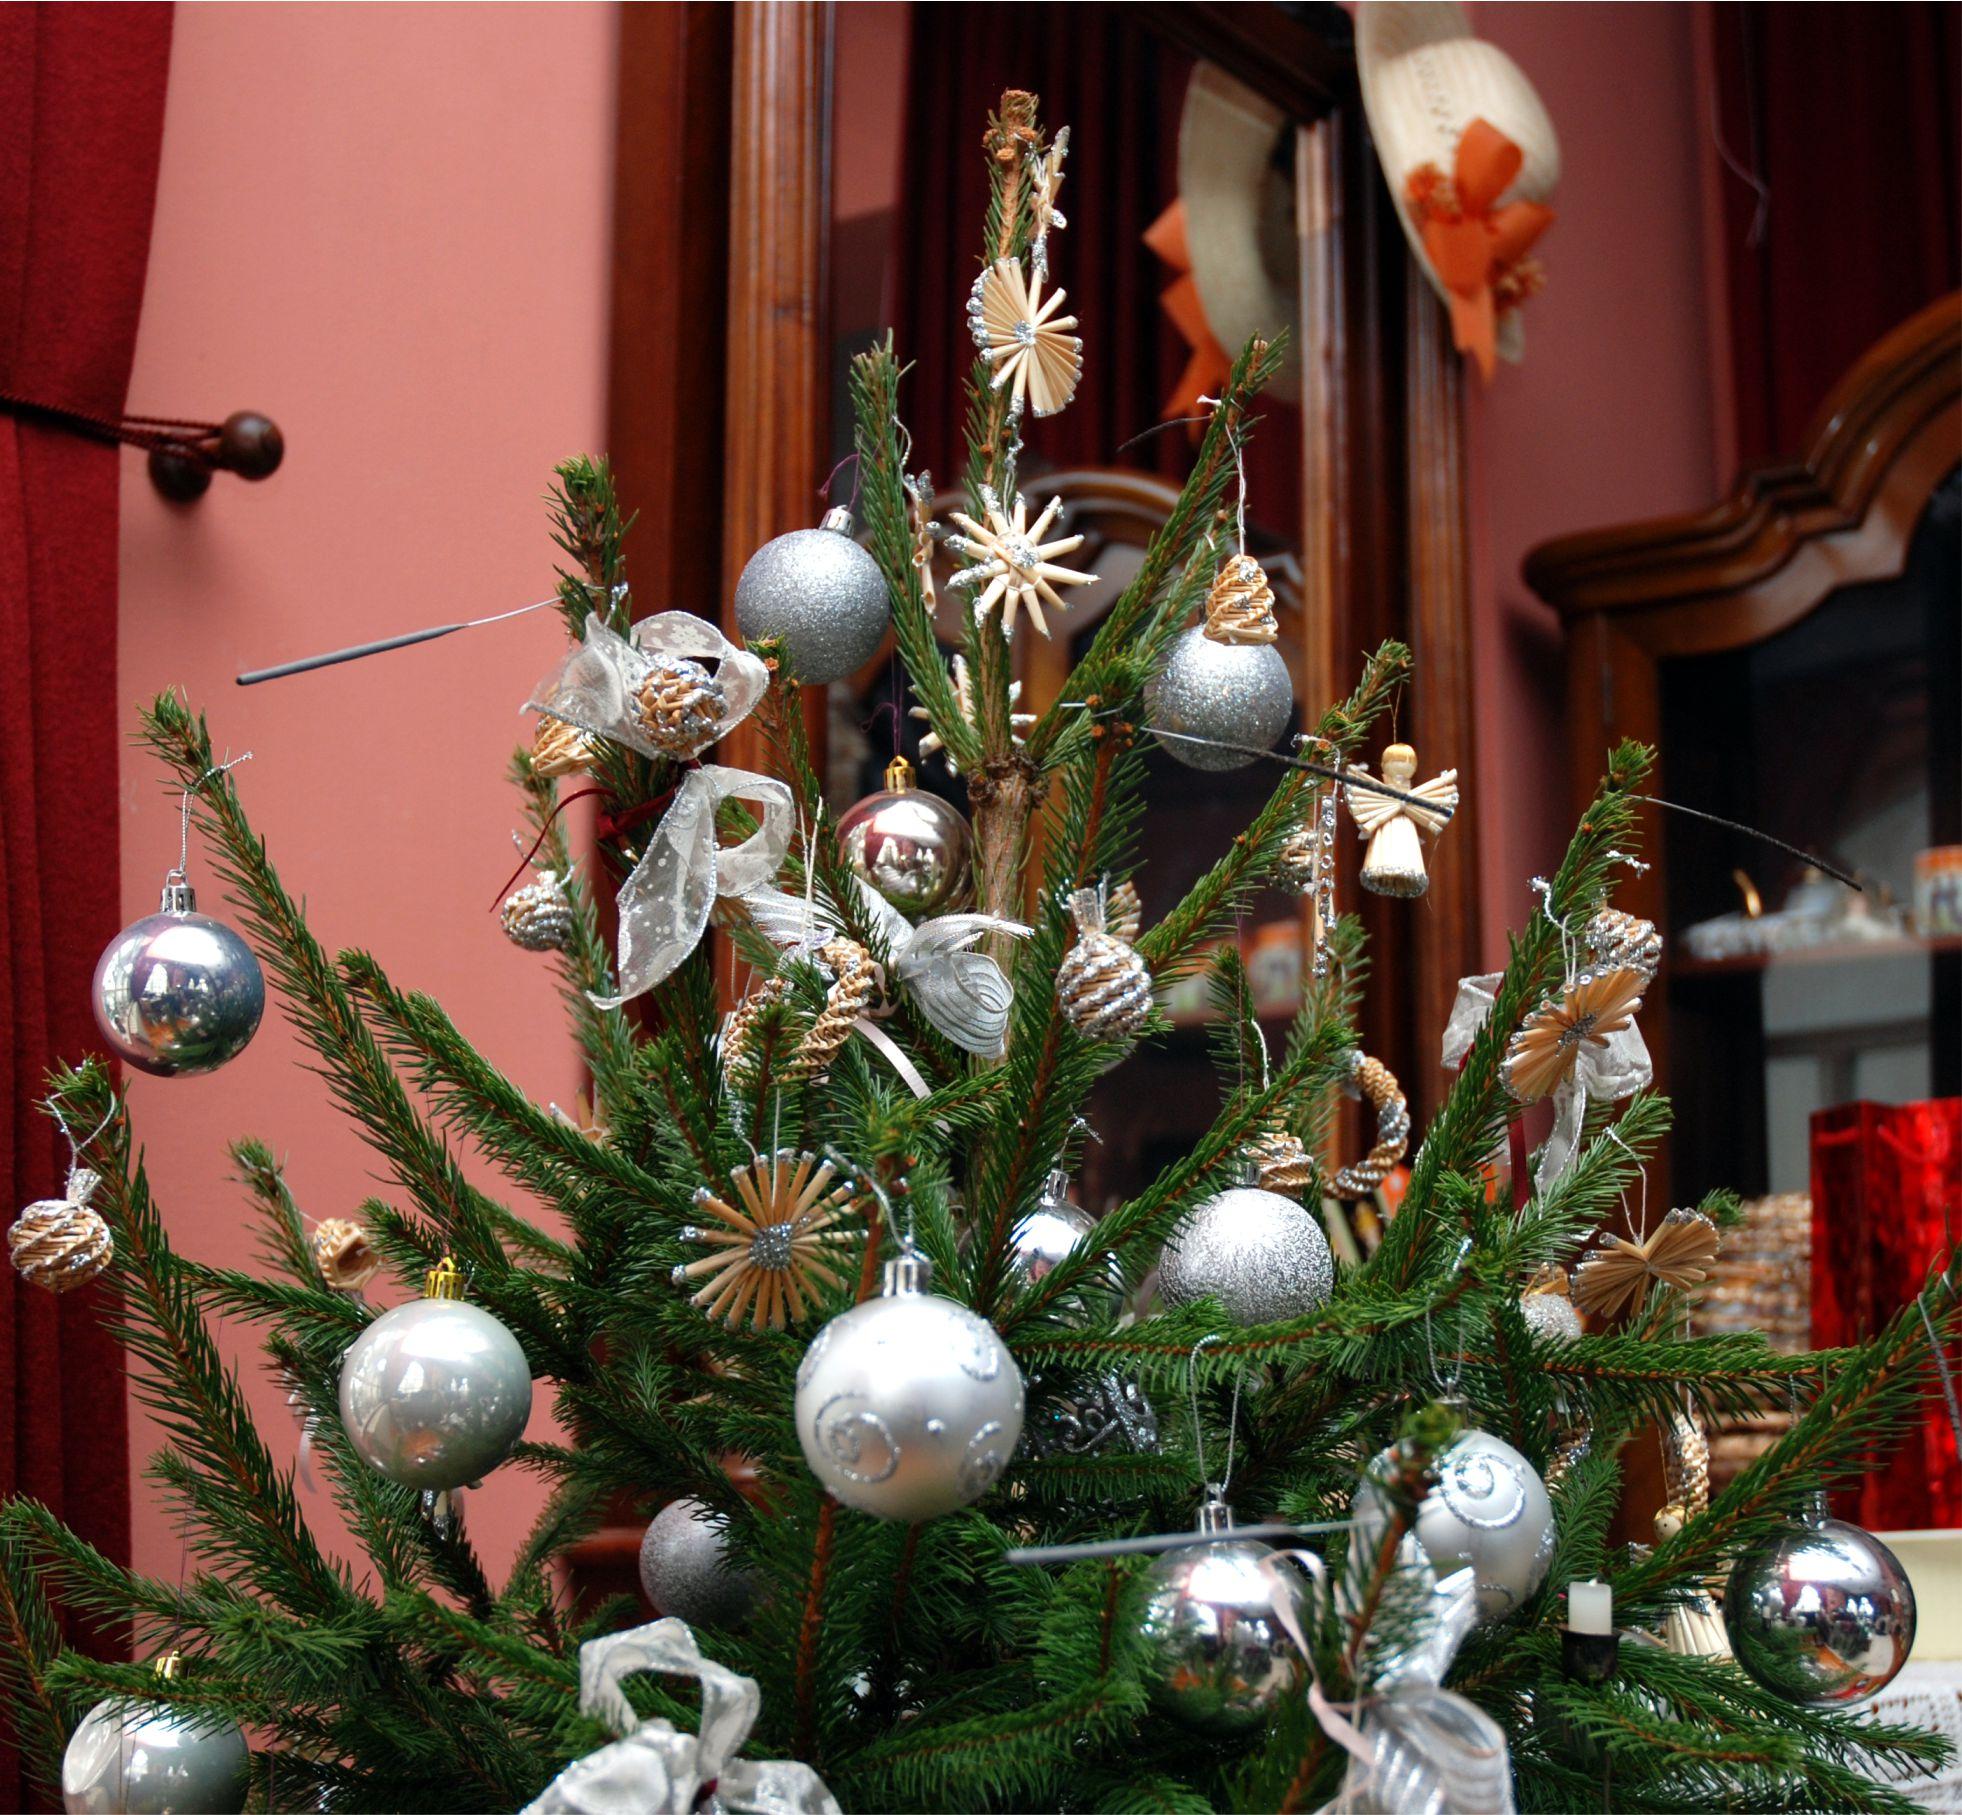 A színek, díszek, dekorációk hozzájárulnak a szép Karácsonyhoz, de nem azon múlik, hogy milyen az ünnep